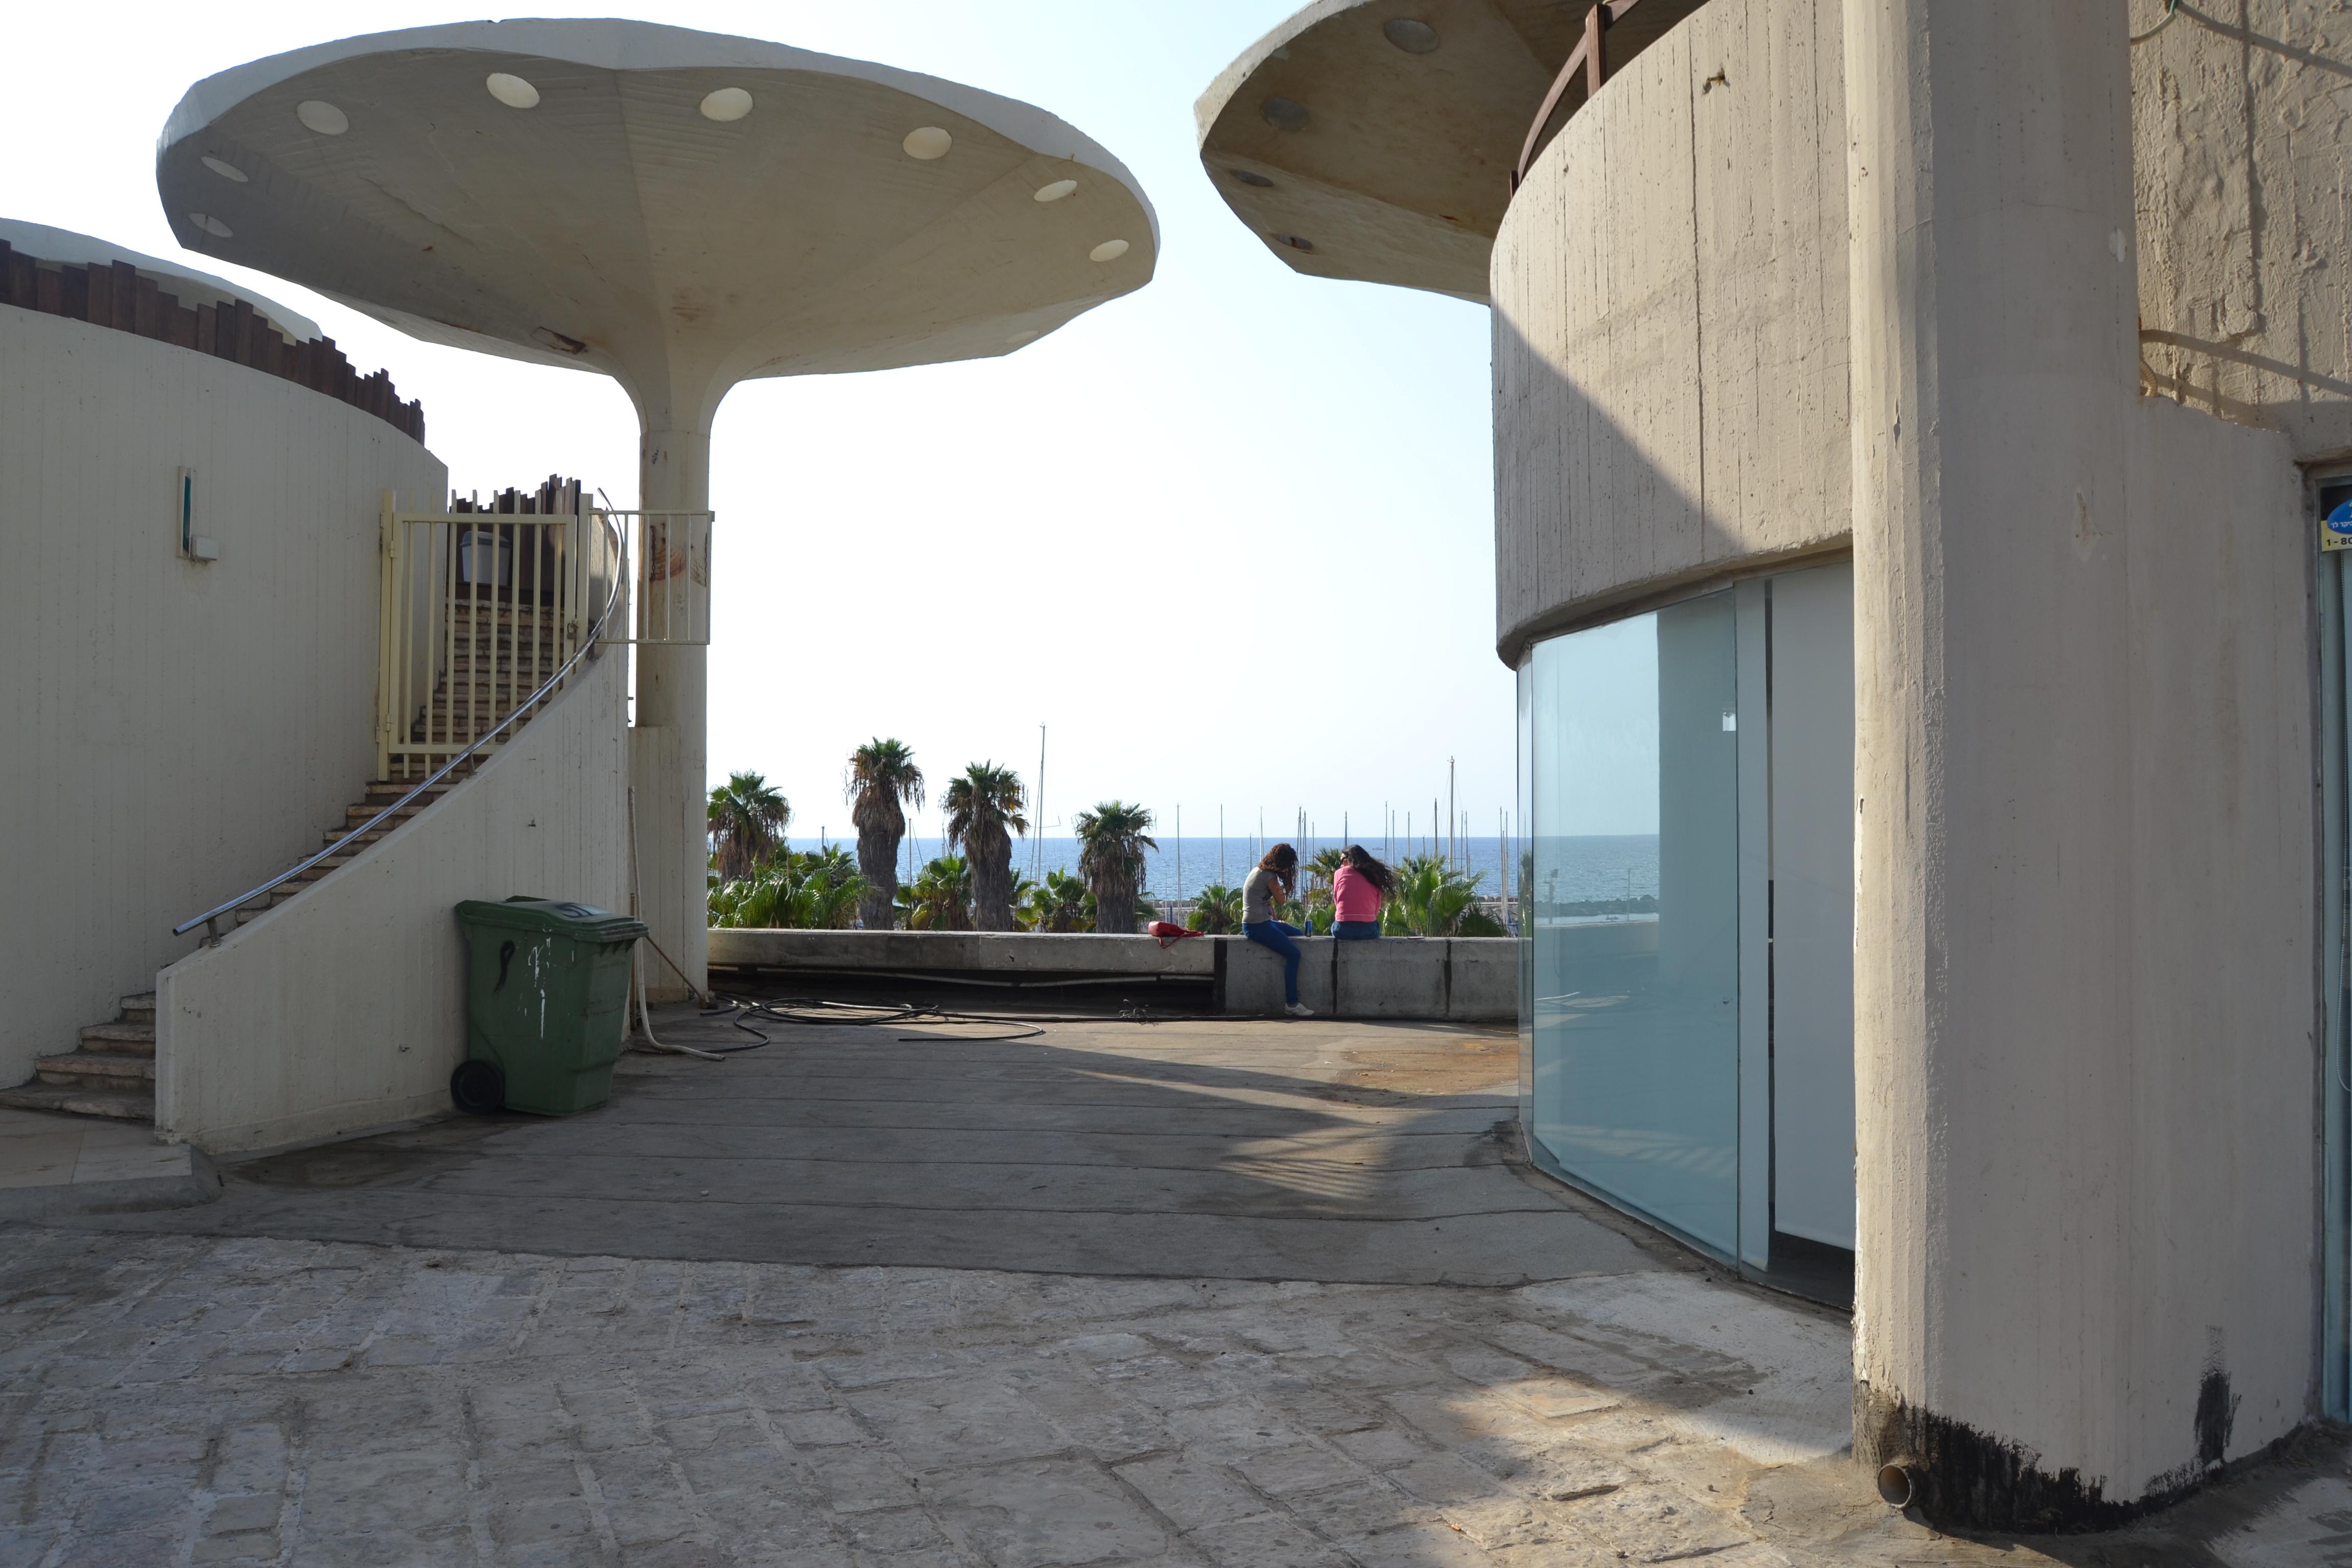 אינה מאפשרת מילוט זמני מהמולת העיר ומהקפיטליזם הצרכני. כיכר אתרים, תל אביב. איור: שלי חפץ